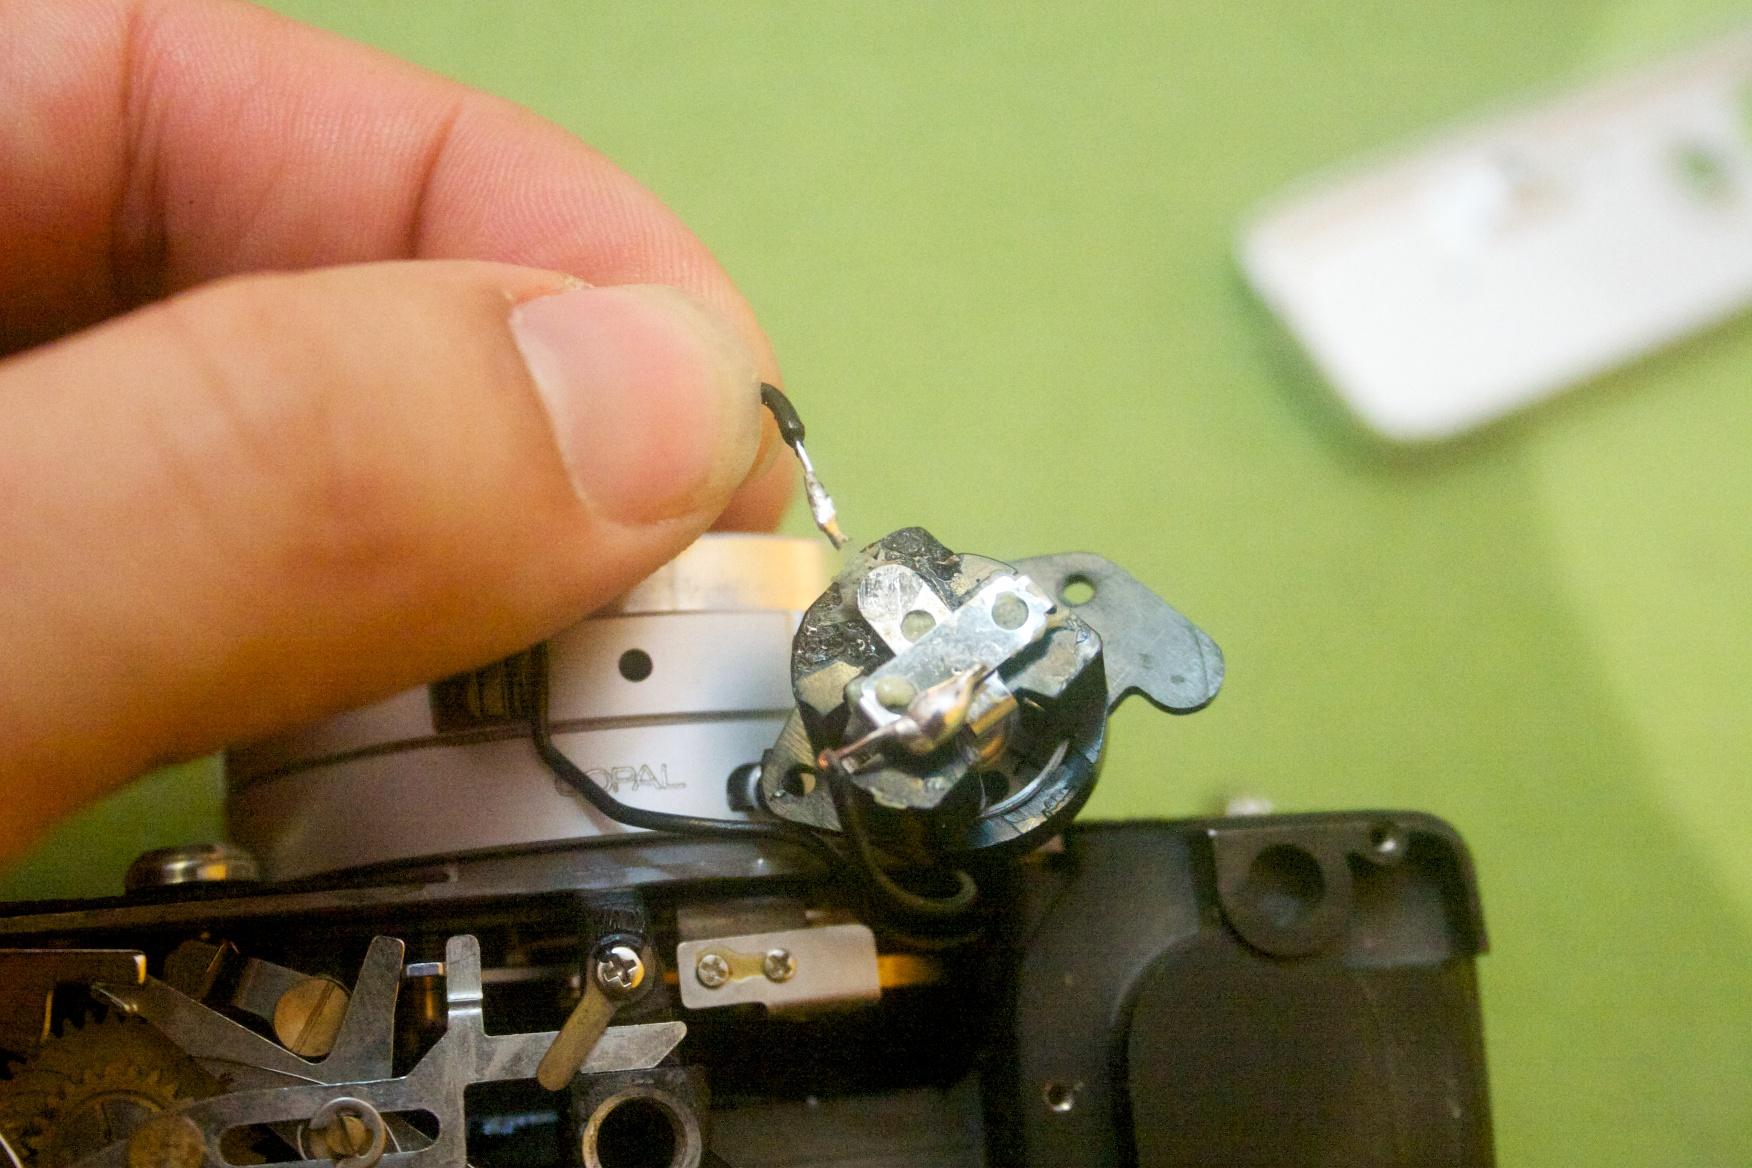 Broke model hidden camera